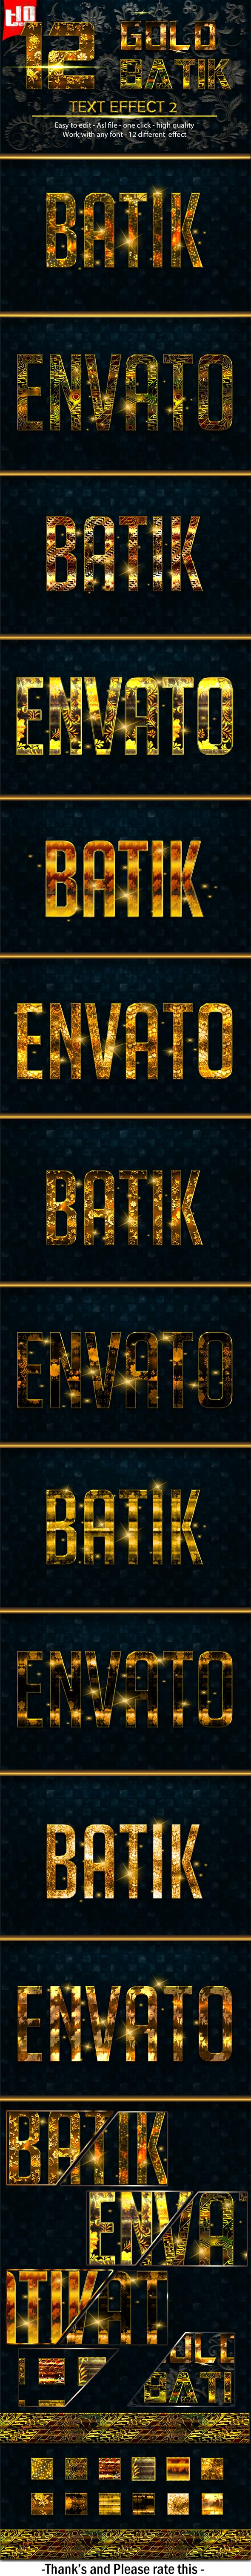 12 Gold Batik 2 - Text Effects Styles